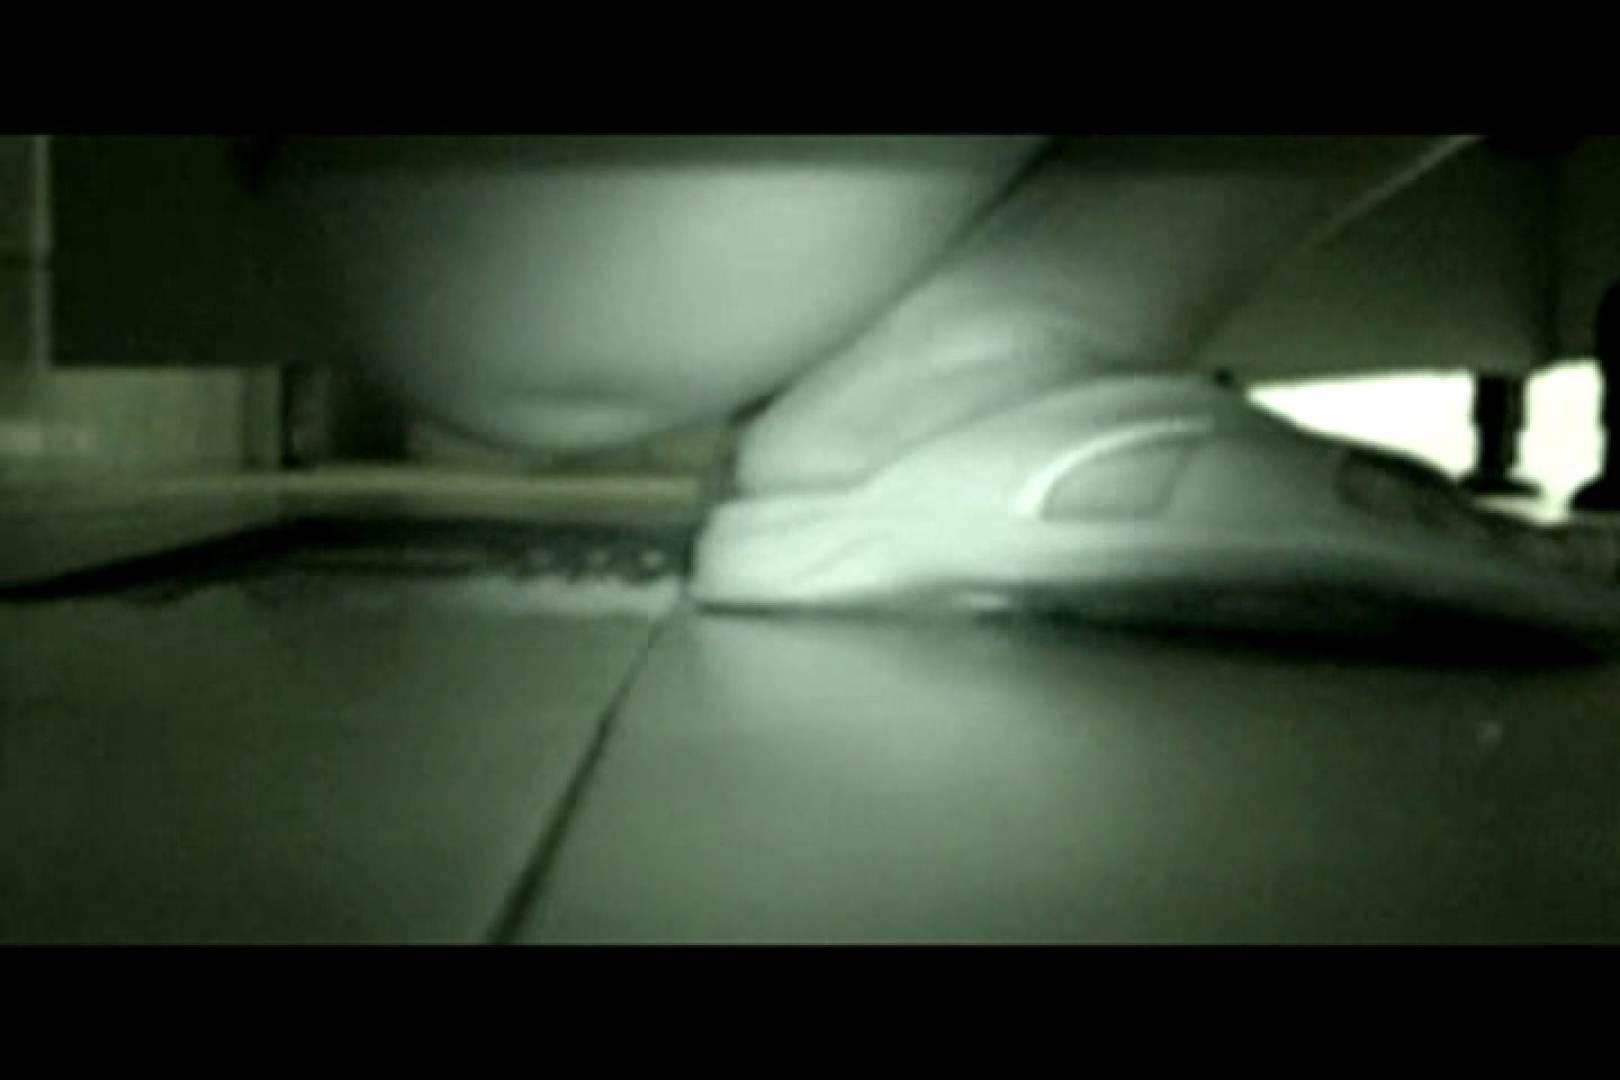 ぼっとん洗面所スペシャルVol.16 洗面所 | すけべなOL  103画像 49